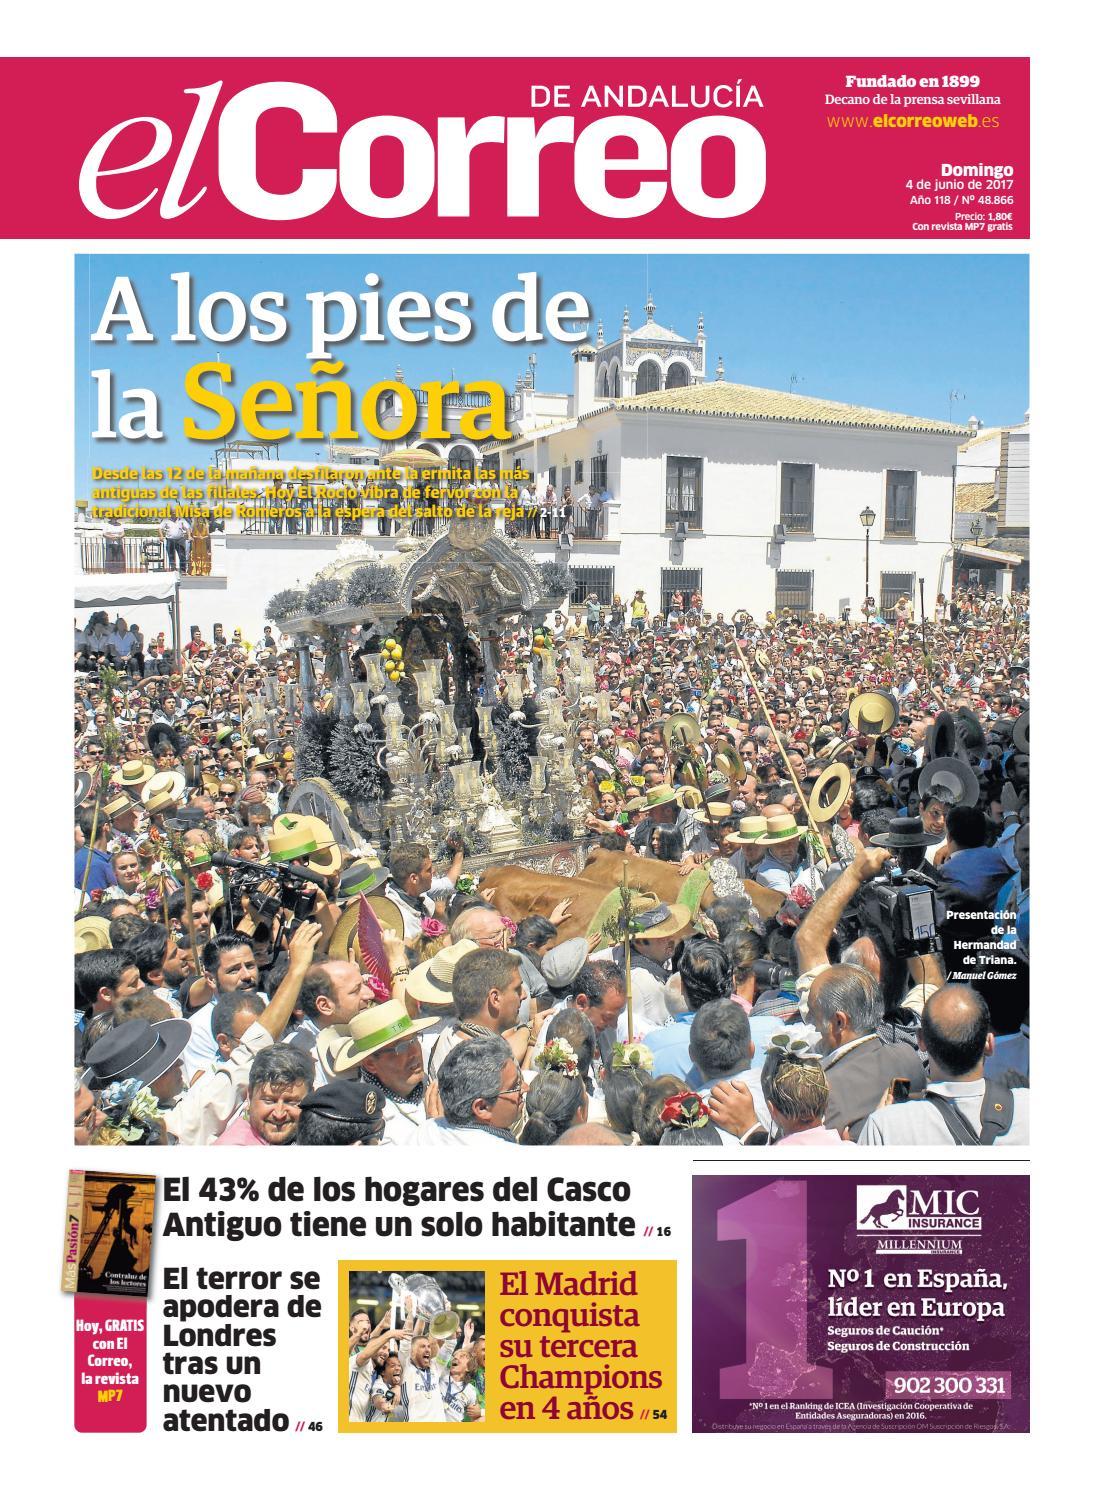 04 06 2017 El Correo De Andaluc A By El Correo De Andaluc A S L  # Muebles Mebol Lucena